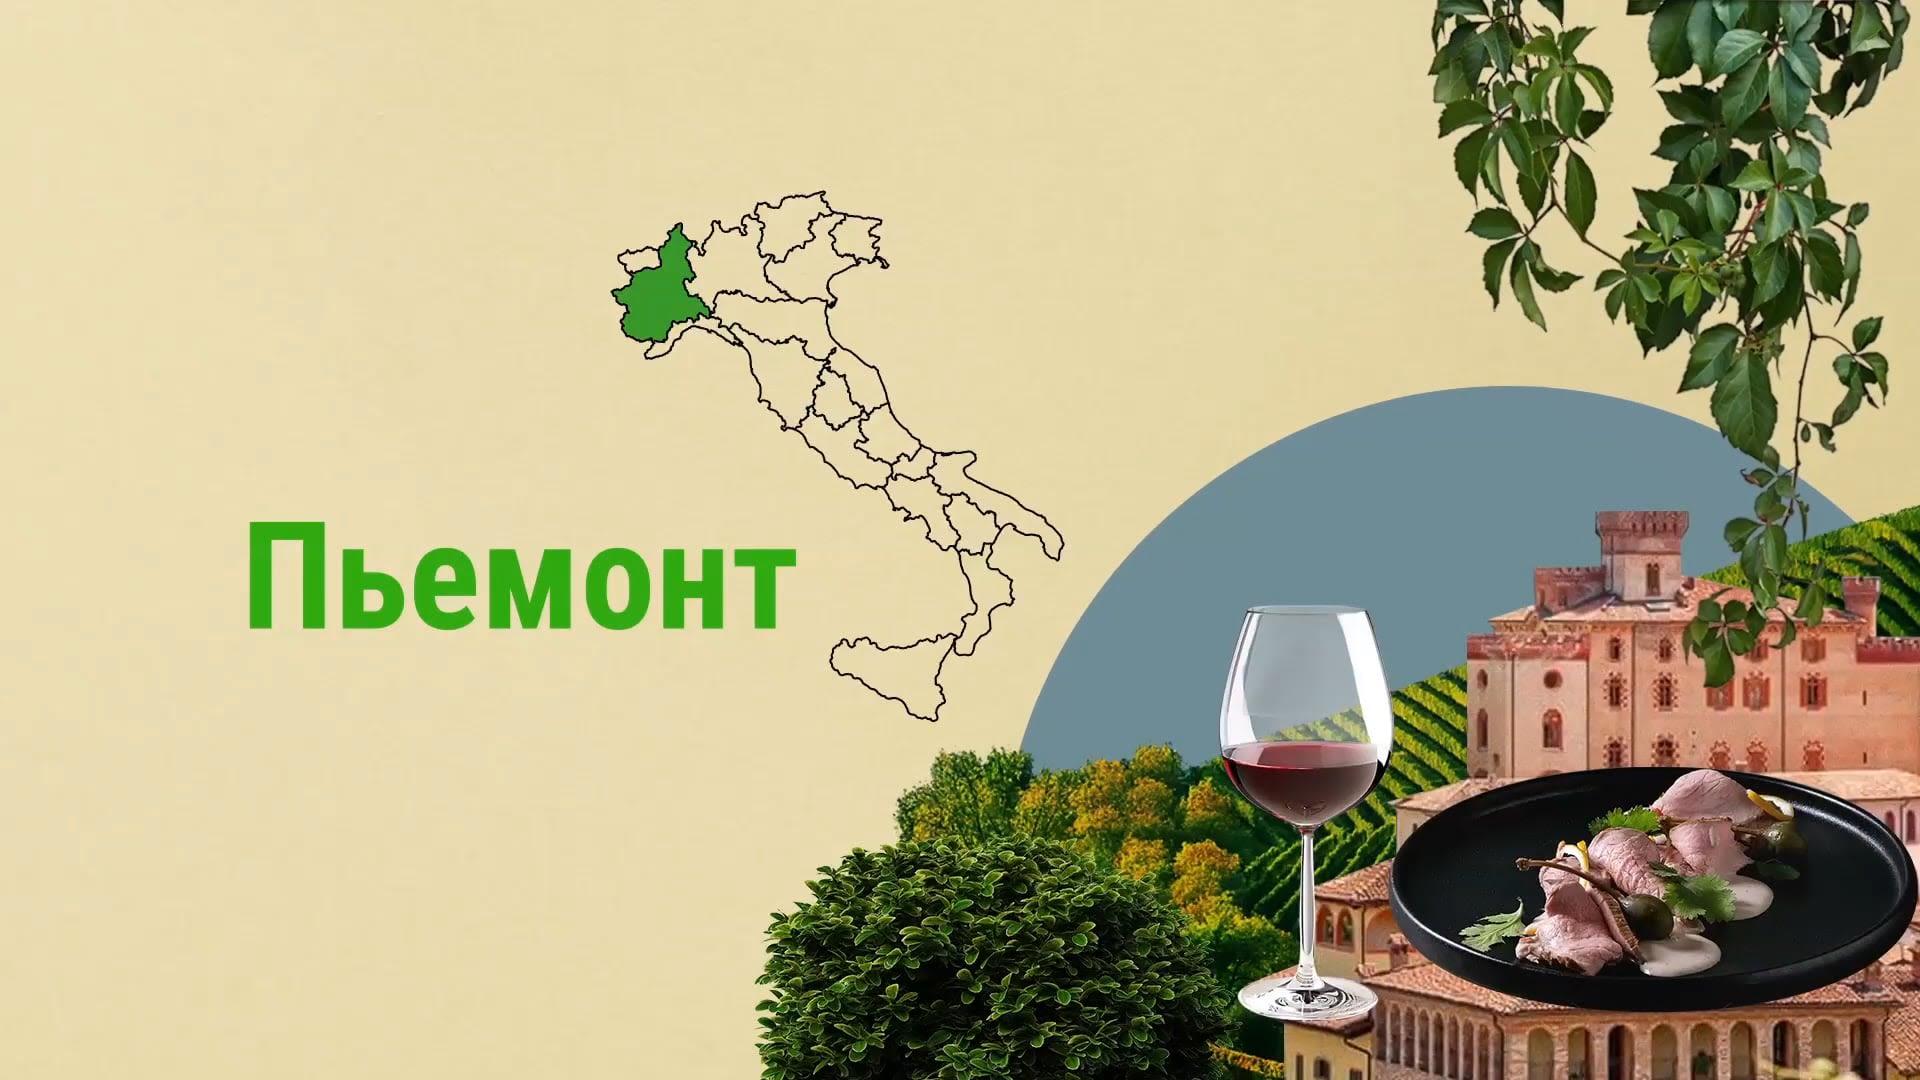 4. Пьемонт